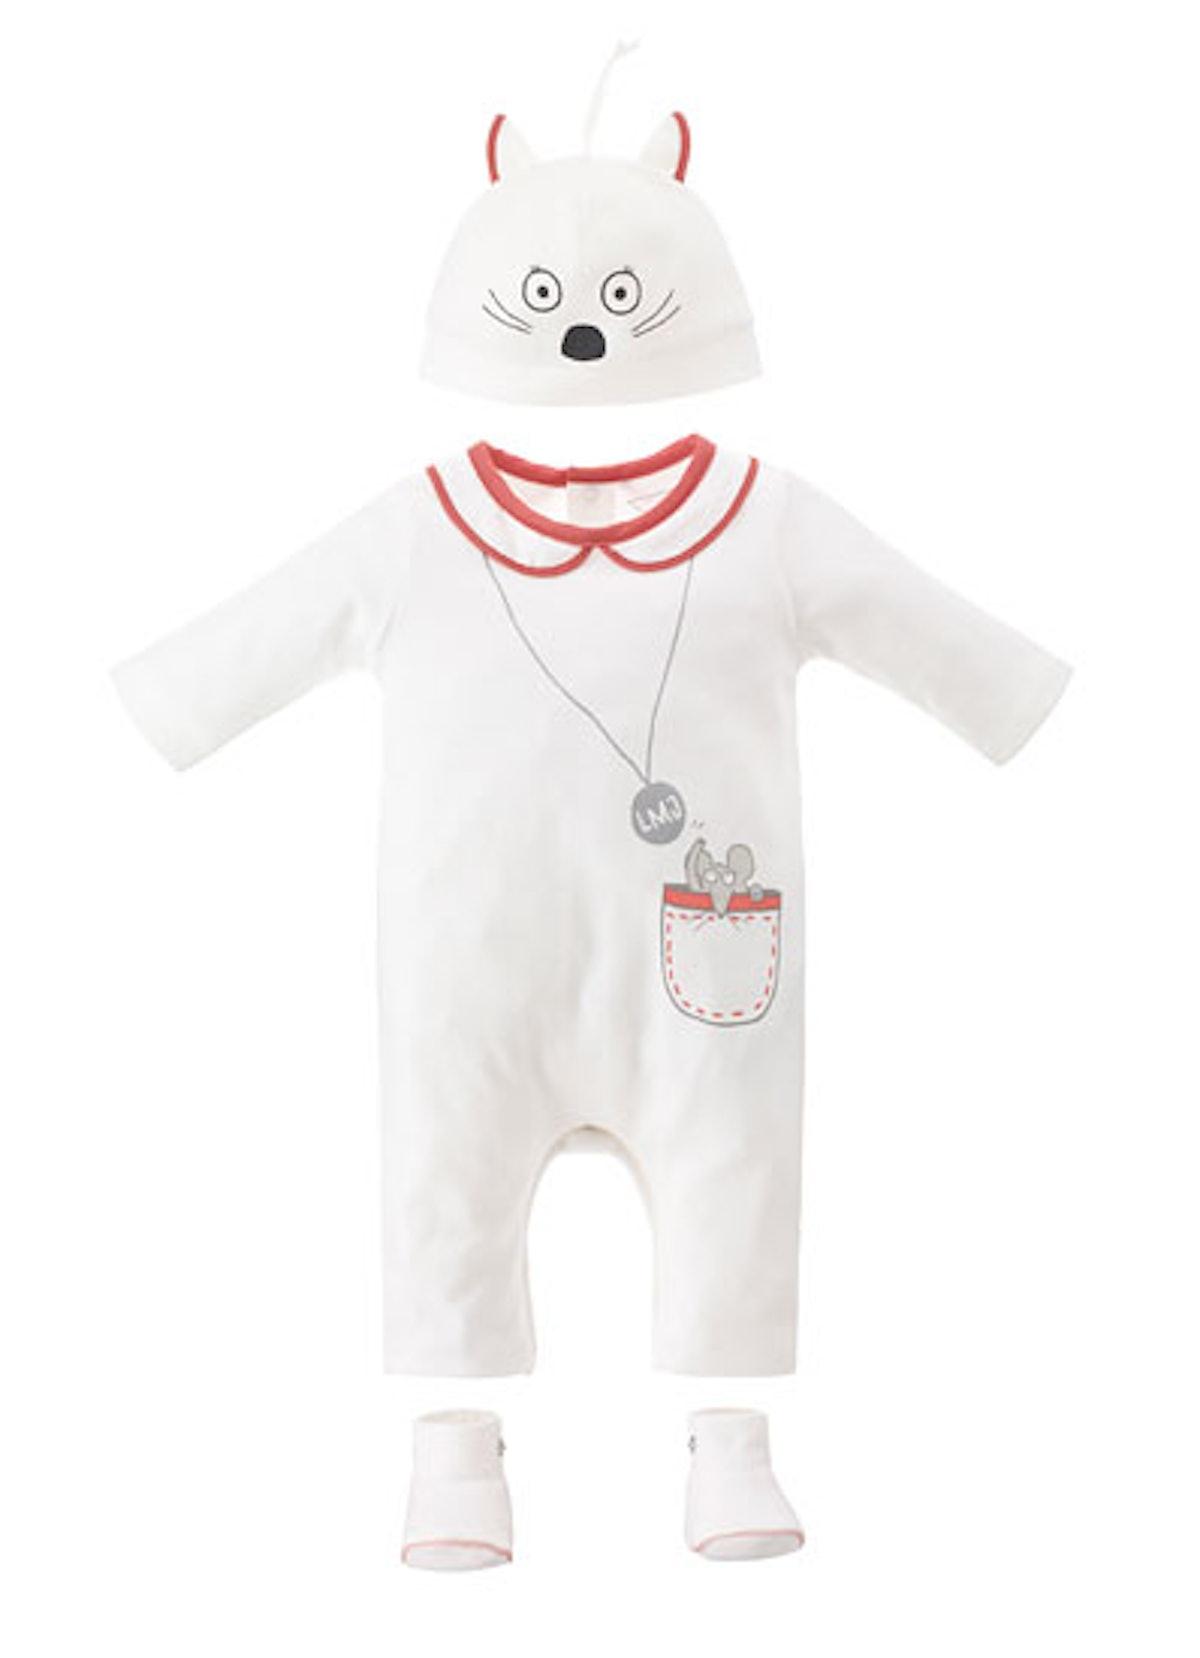 fass-kate-middleton-baby-registry-03-v.jpg